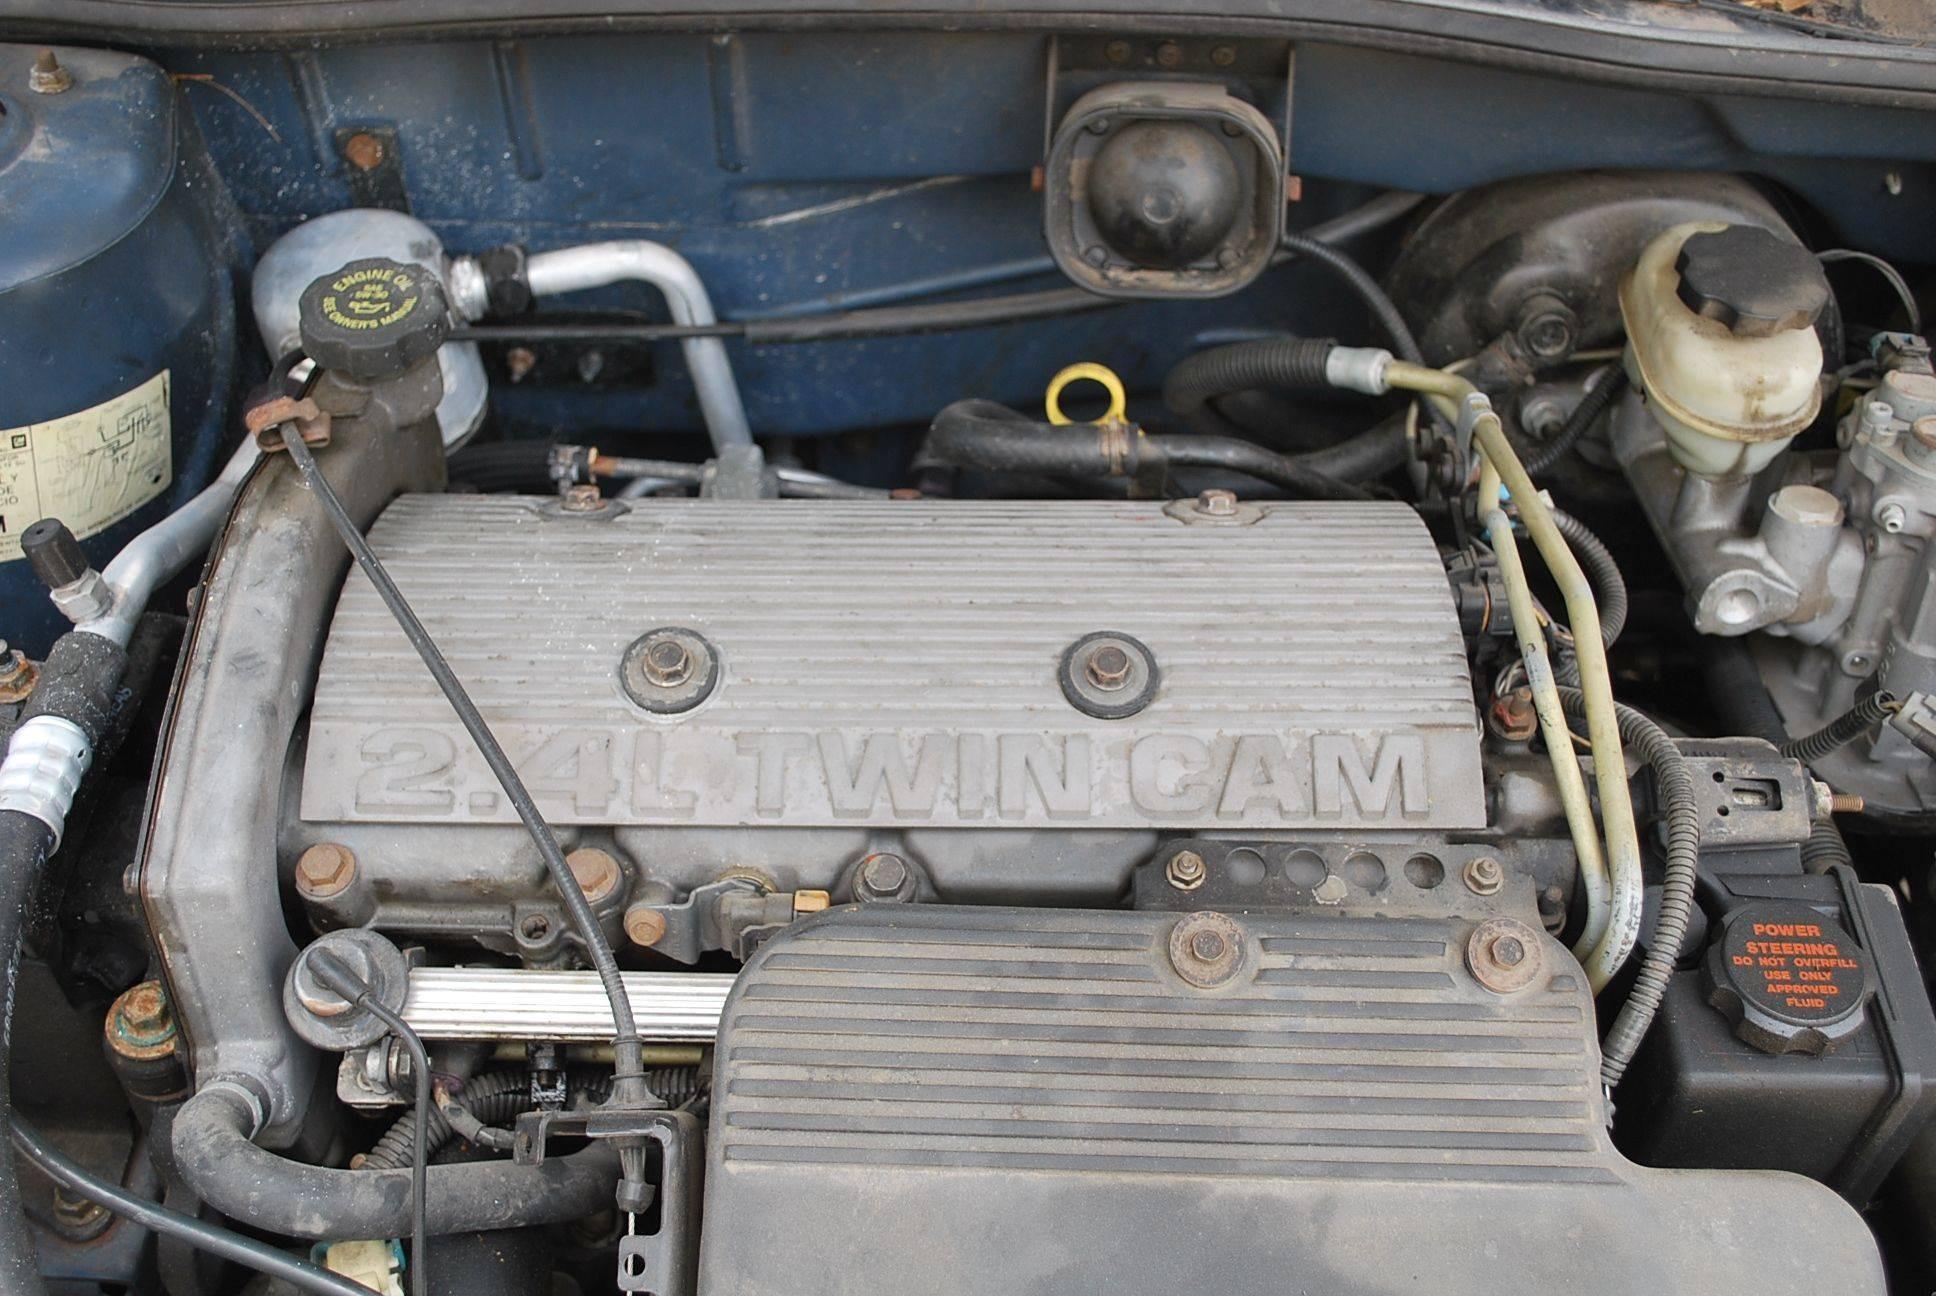 Pontiac Grand Am Engine Diagram 1997 Pontiac Sunfire Gt Coupe 2 4l Manual Of Pontiac Grand Am Engine Diagram Pontiac 2 4 Engine Diagram Intake Manifold Wiring Diagram Dash